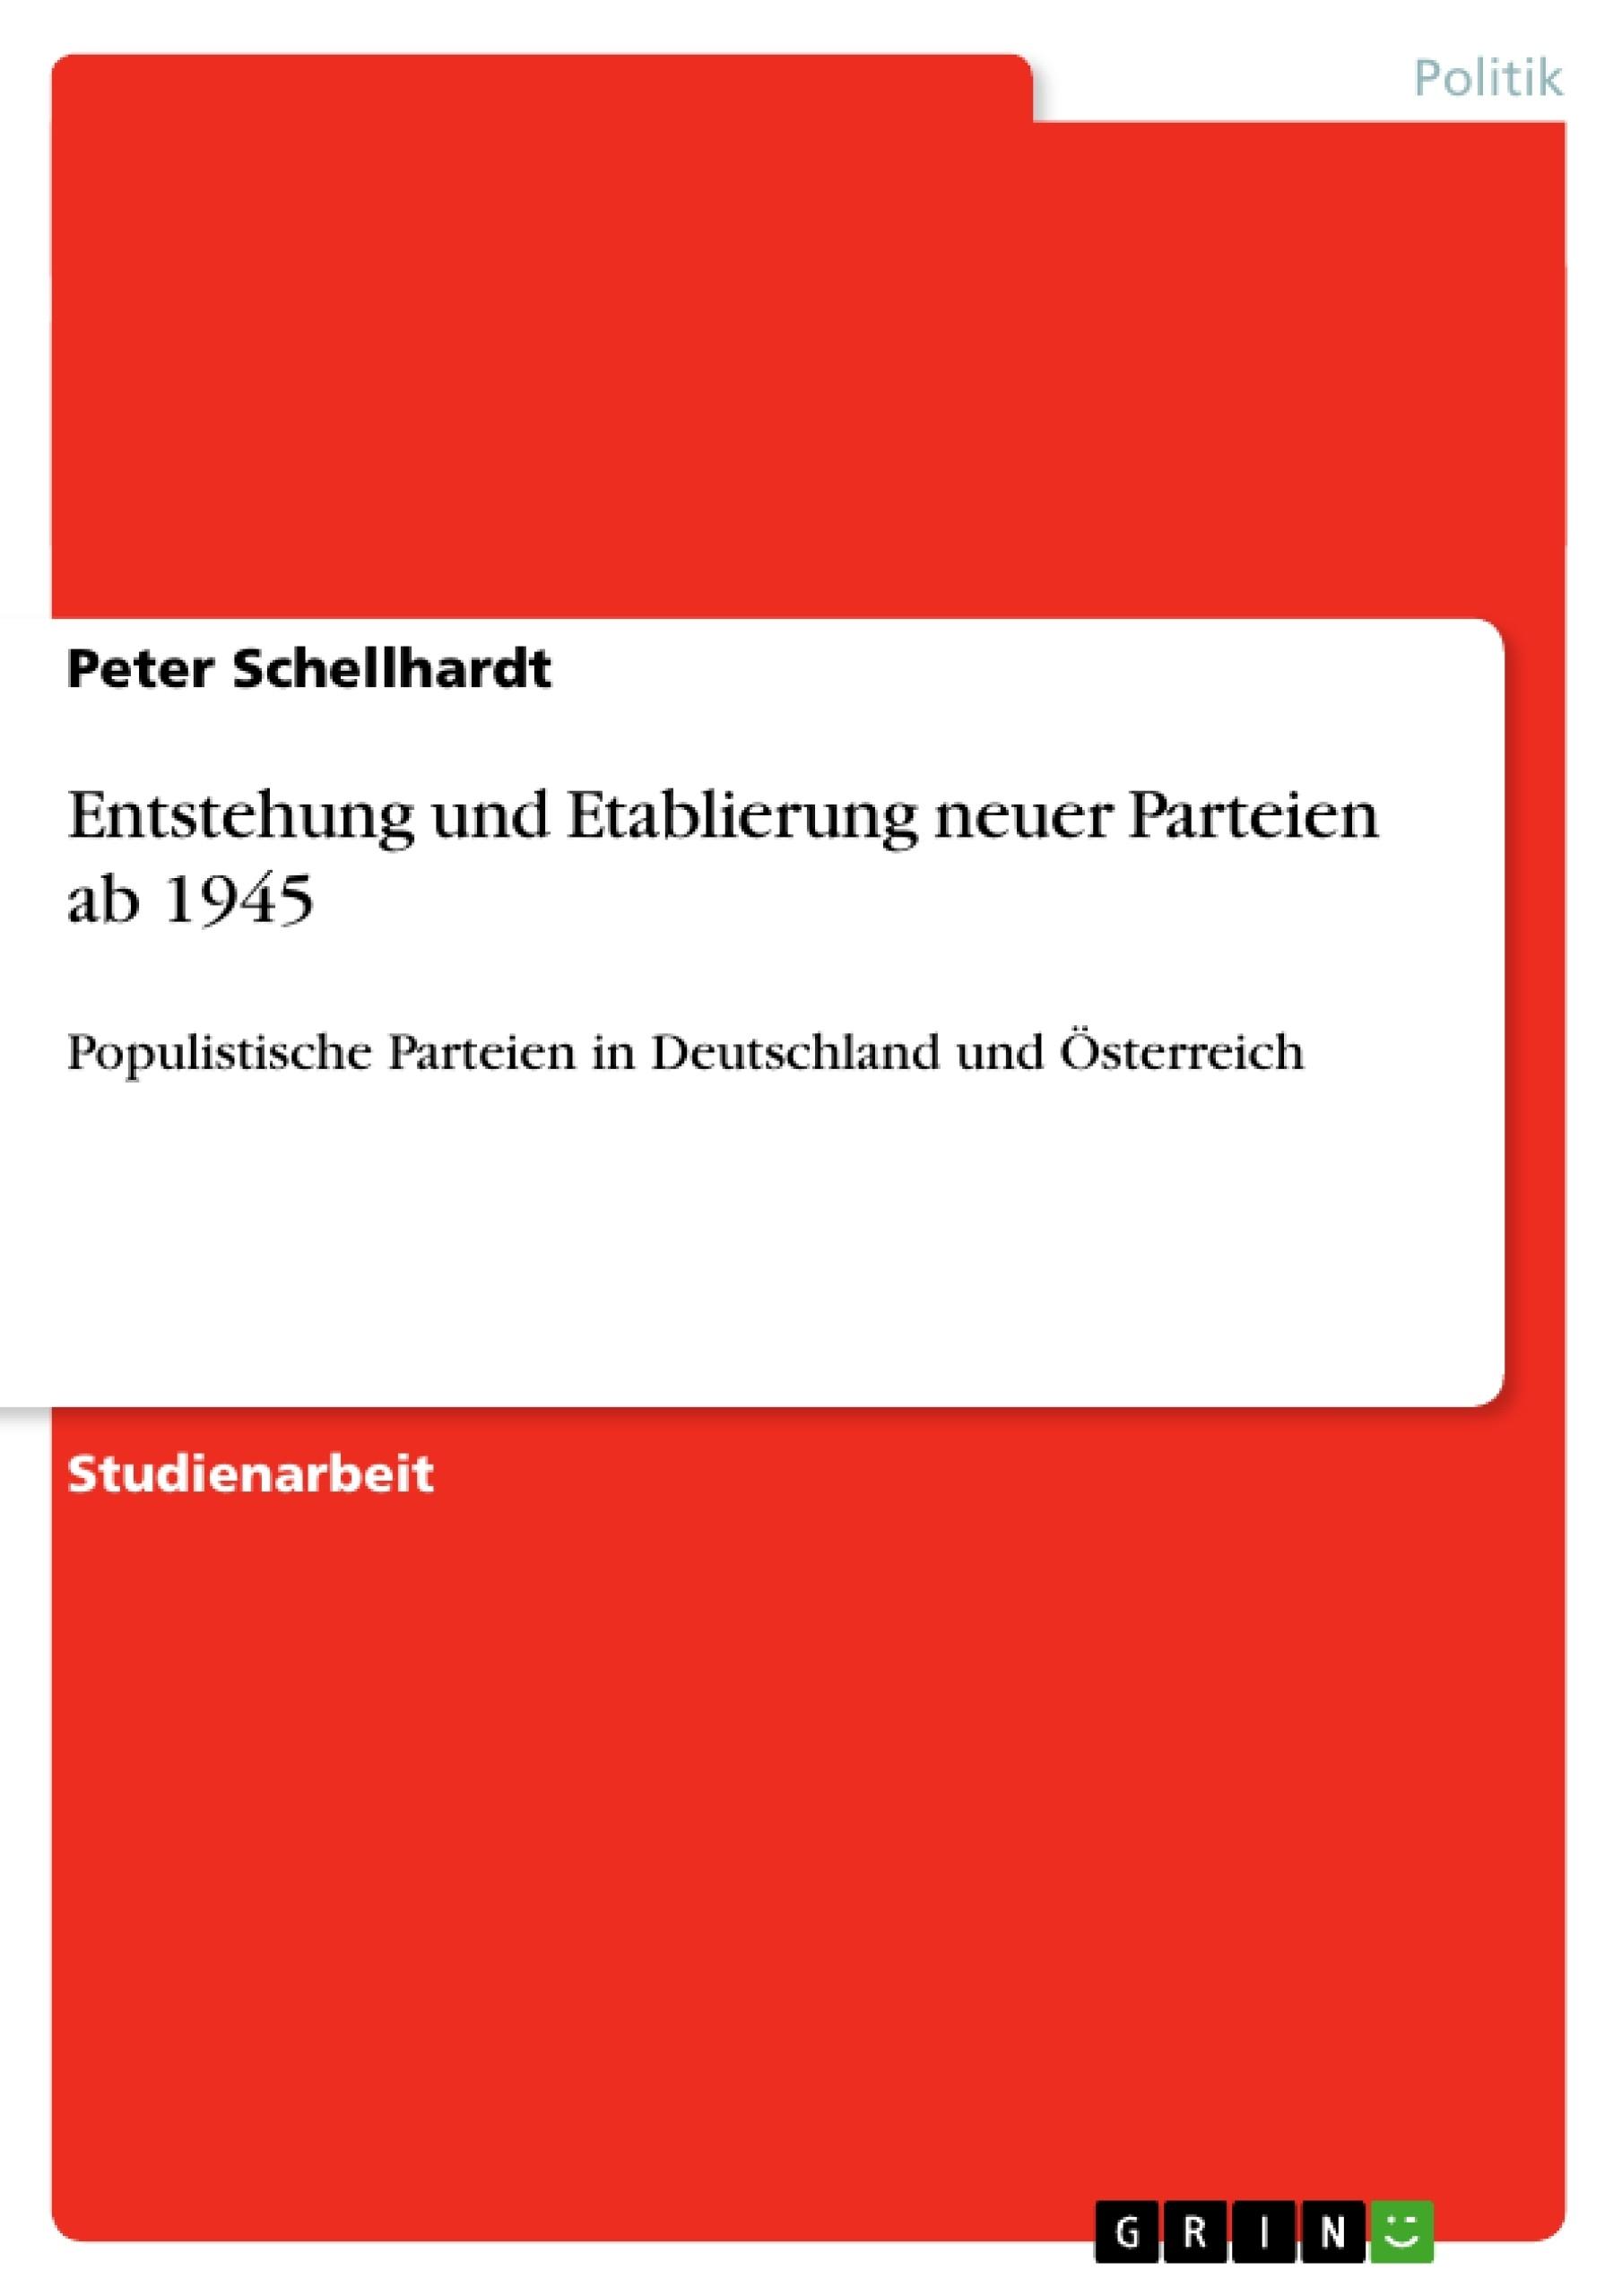 Titel: Entstehung und Etablierung neuer Parteien ab 1945